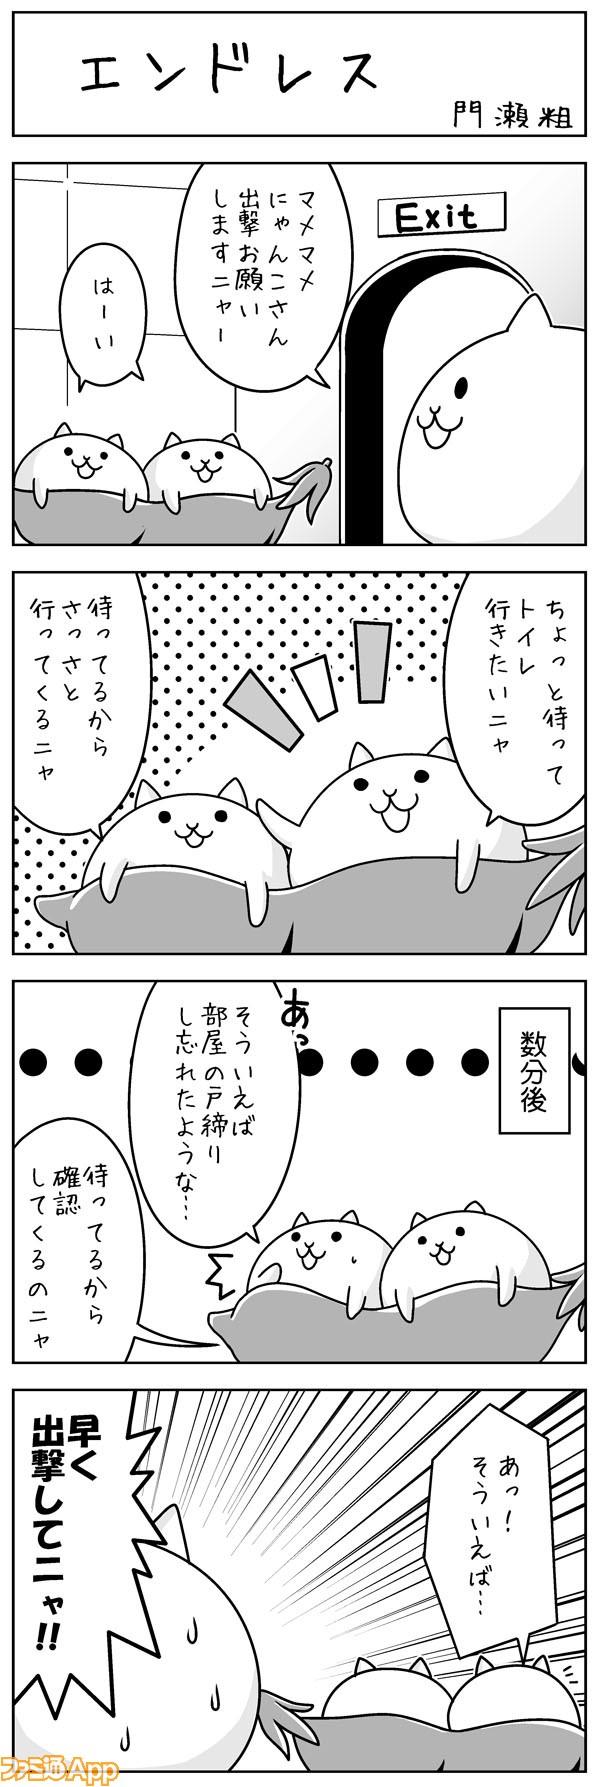 02kado_060